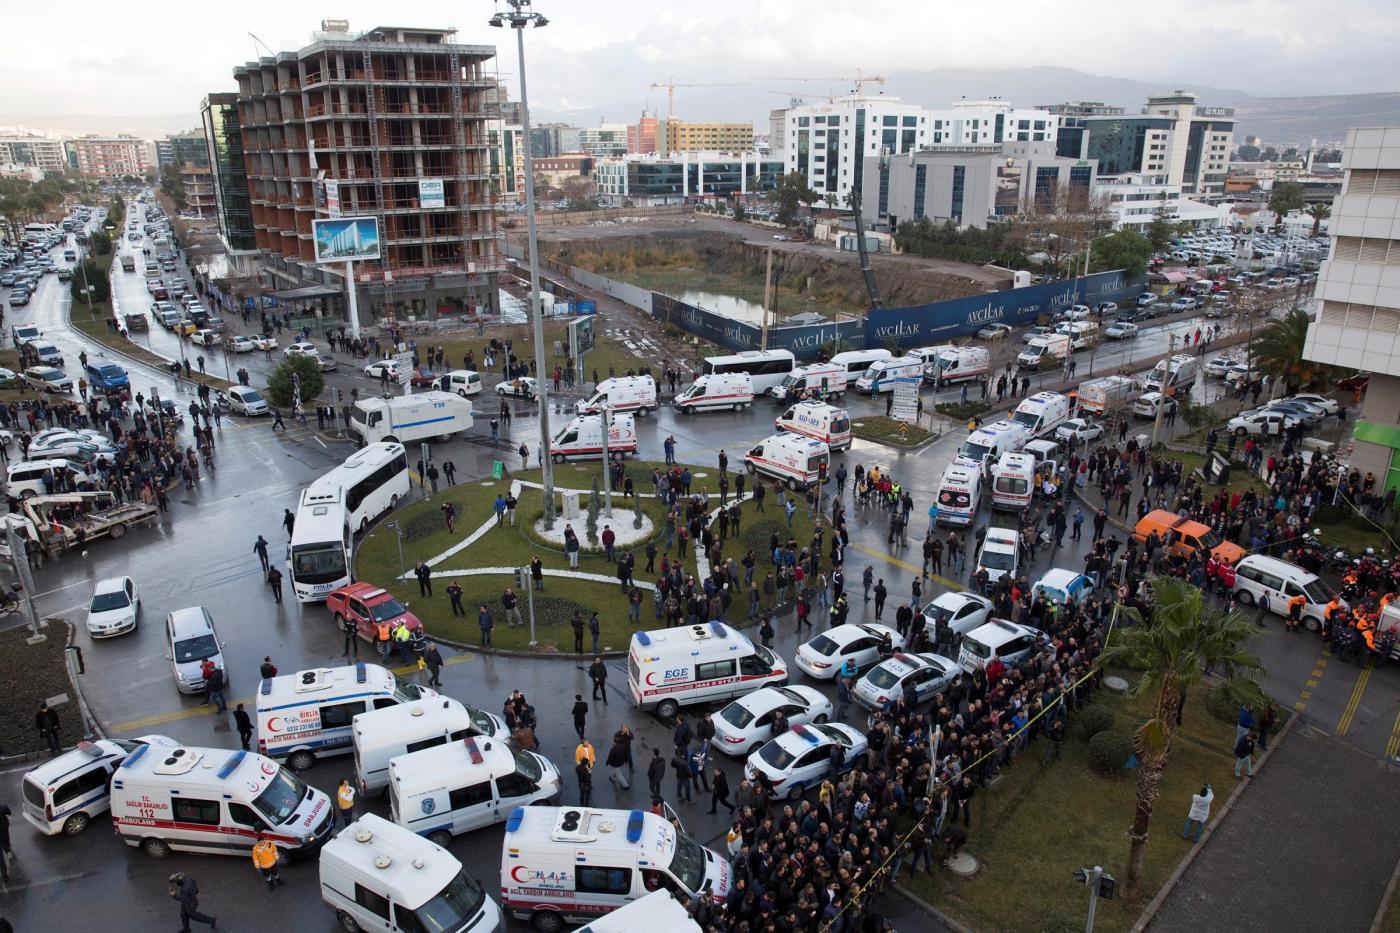 Turchia: autobomba a Izmir (Smirne) nei pressi di un tribunale